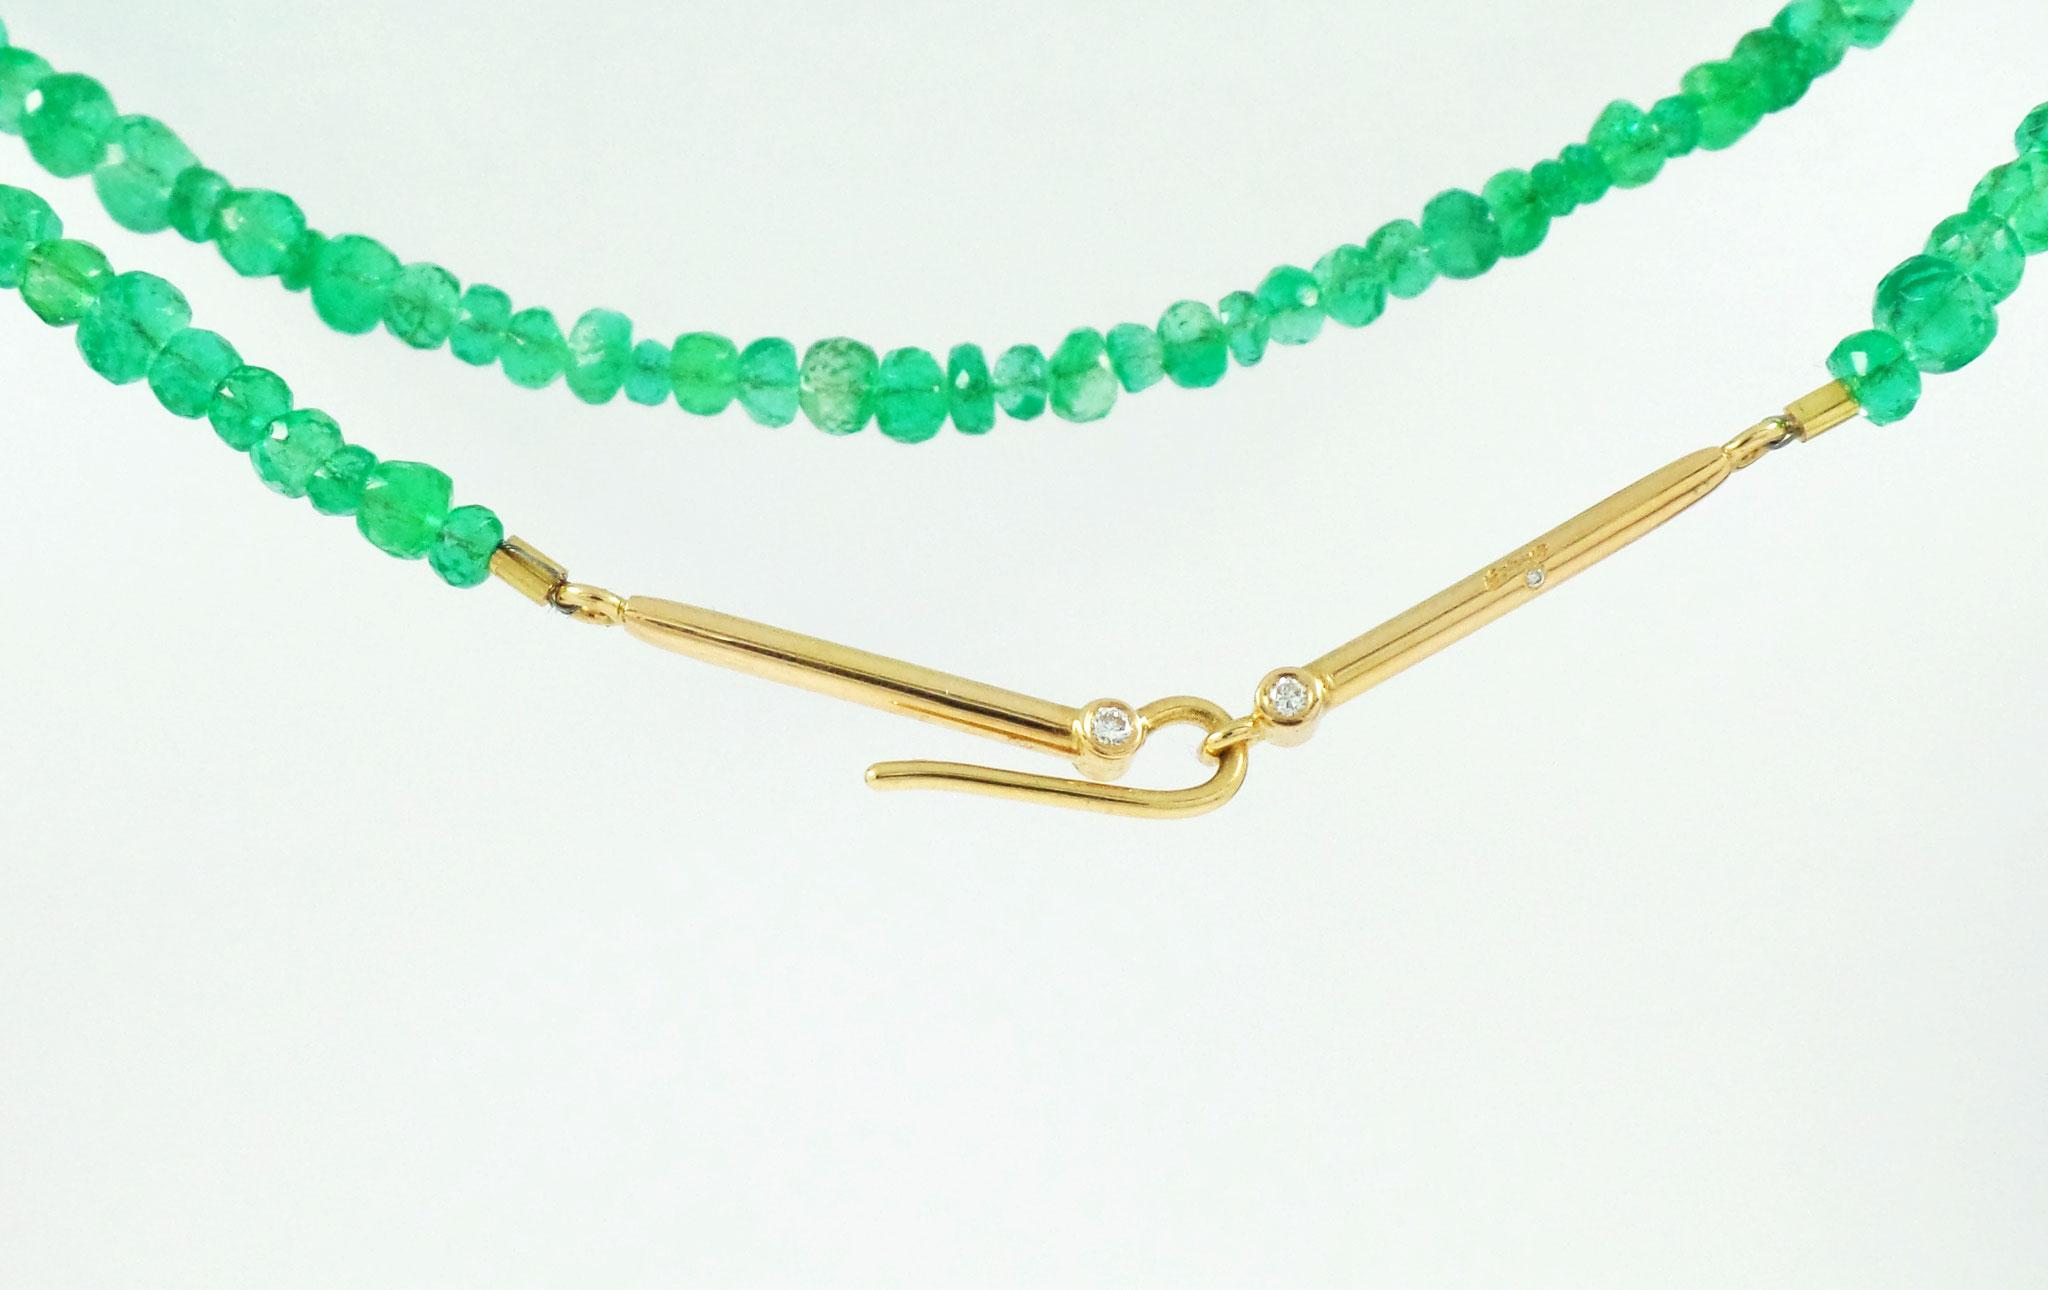 Smaragdkette mit 750/- Gelbgoldverschluss